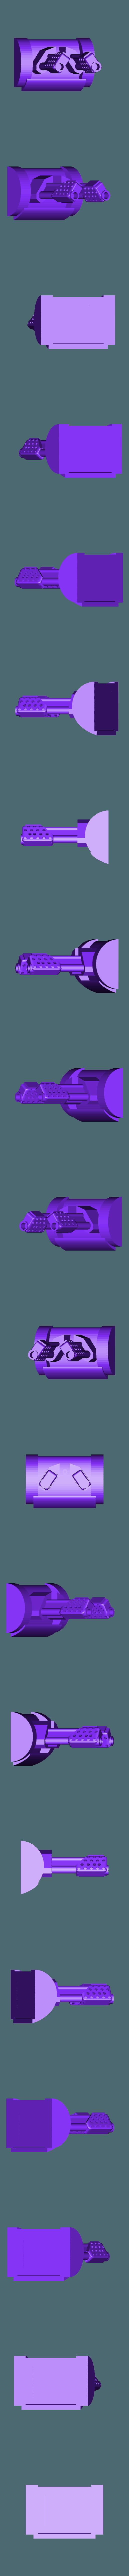 4_rad_Twin_Flamers_ausf_B.stl Télécharger fichier STL gratuit Vehcile de jeu de science-fiction Flamwagen à 4 rayons • Objet imprimable en 3D, redstarkits